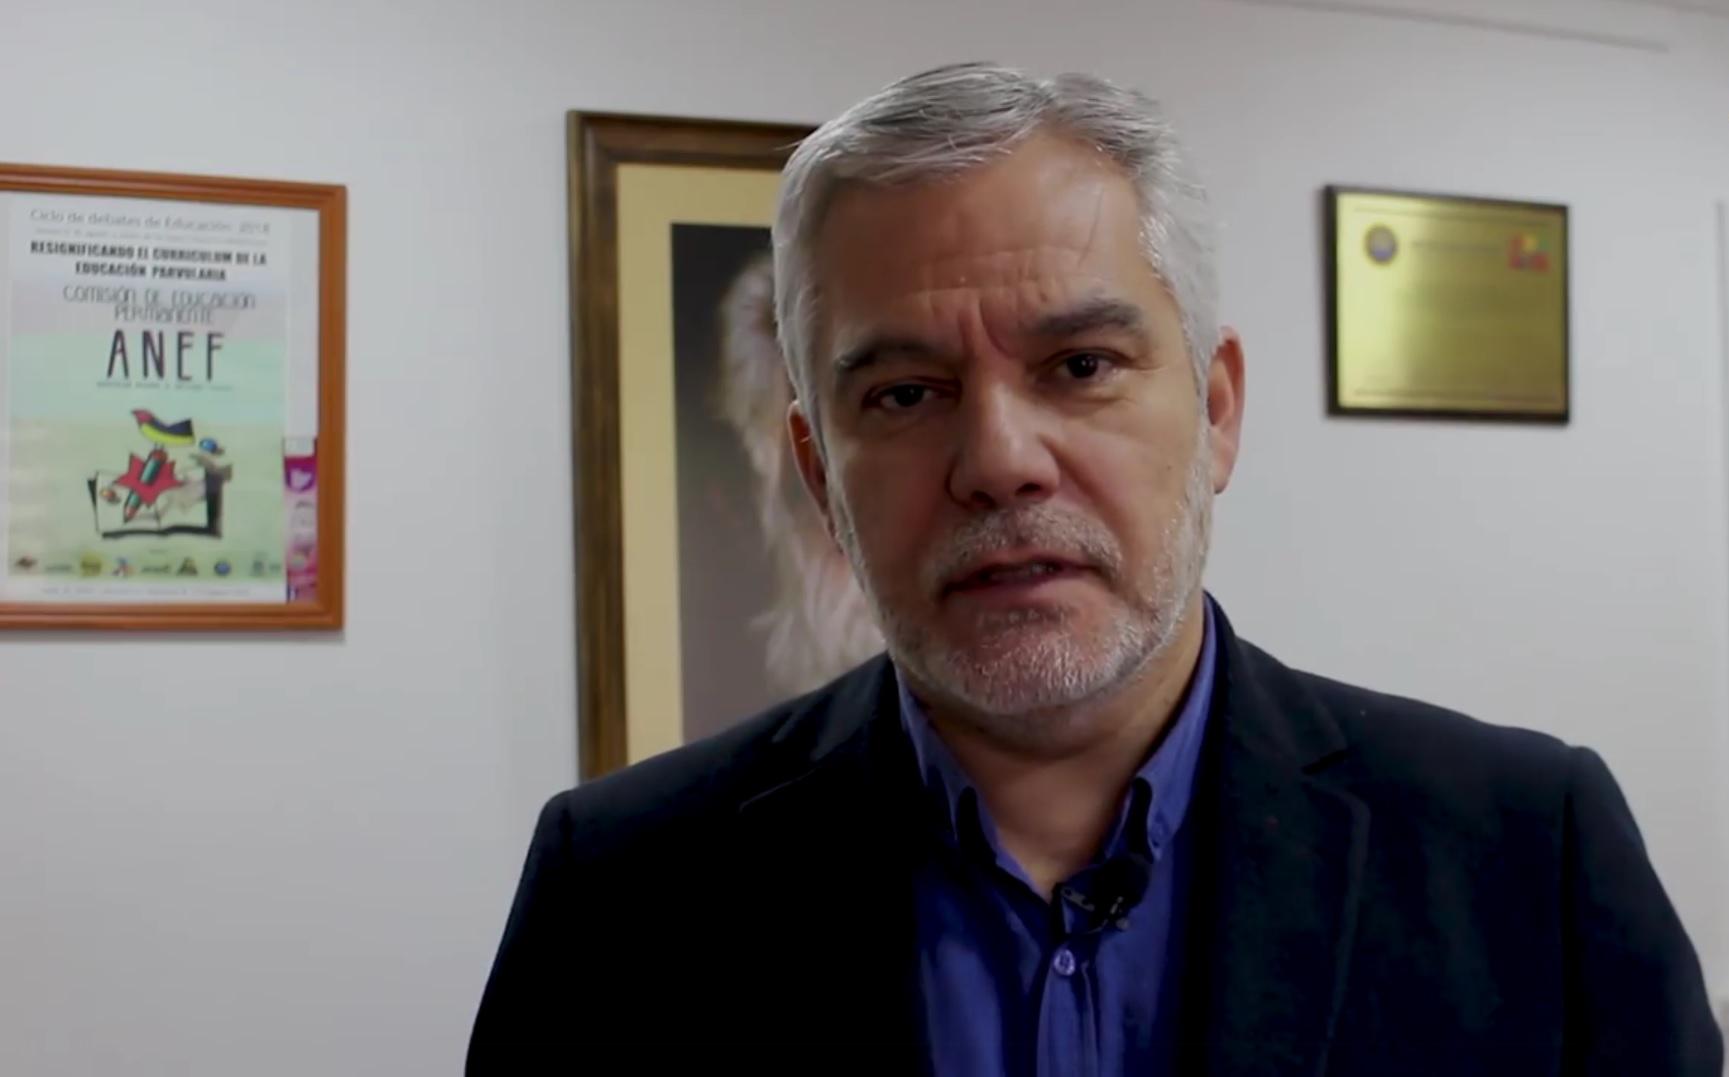 Jose Perez ANEF